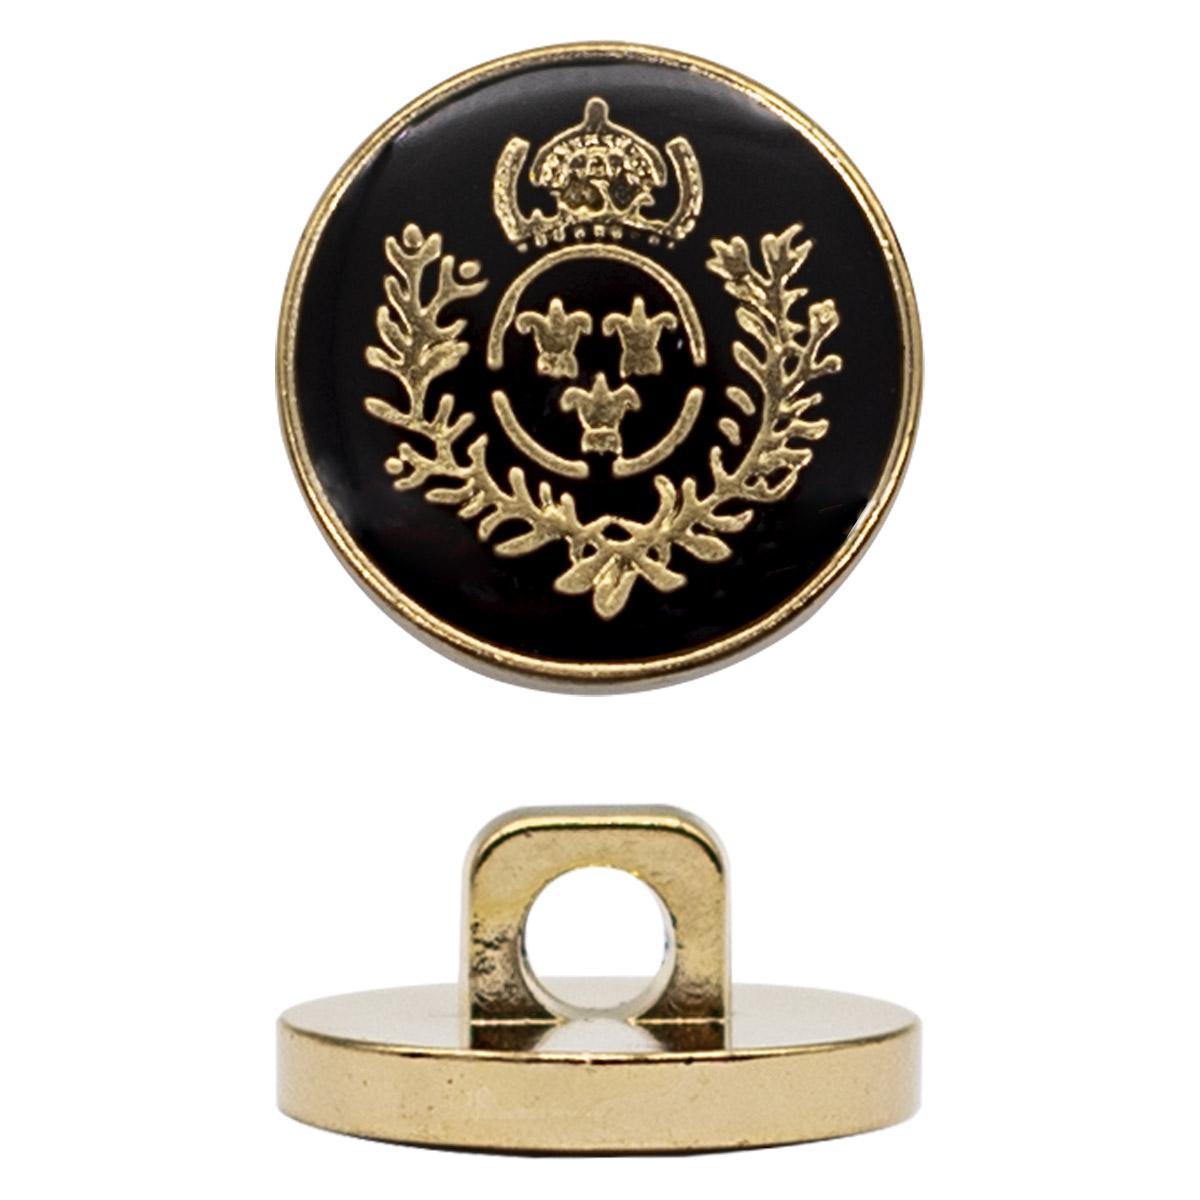 Пуговица на ножке 24L, герб, цв. черный с золотом, 12 шт/упак